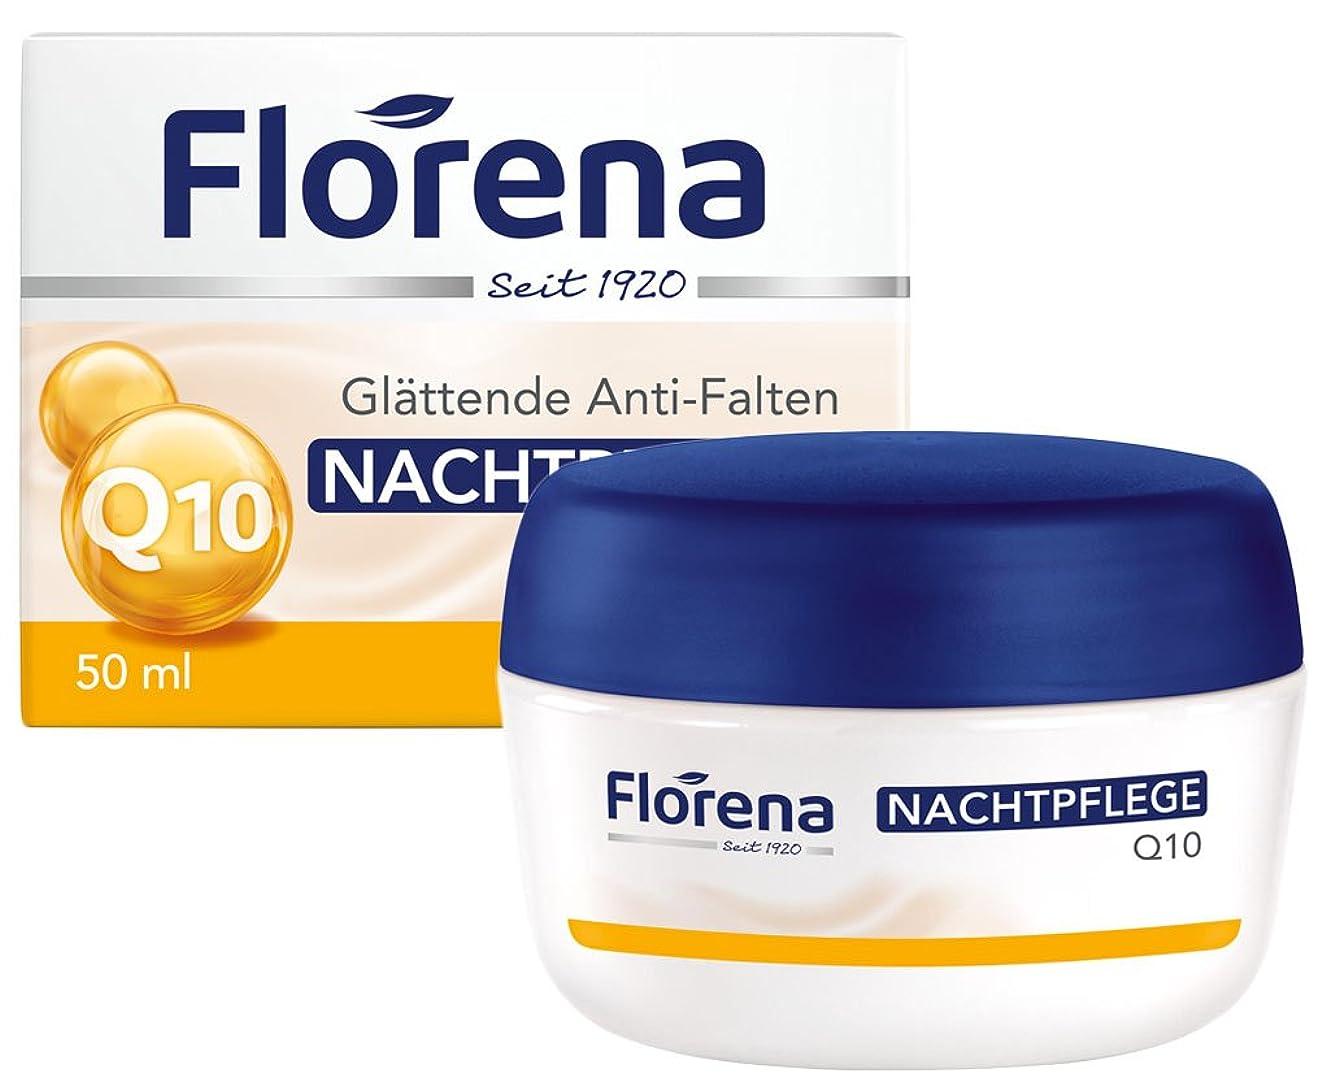 地理浜辺惑星Florena(フロレナ) フェイス ナイトクリーム コエンザイムQ10